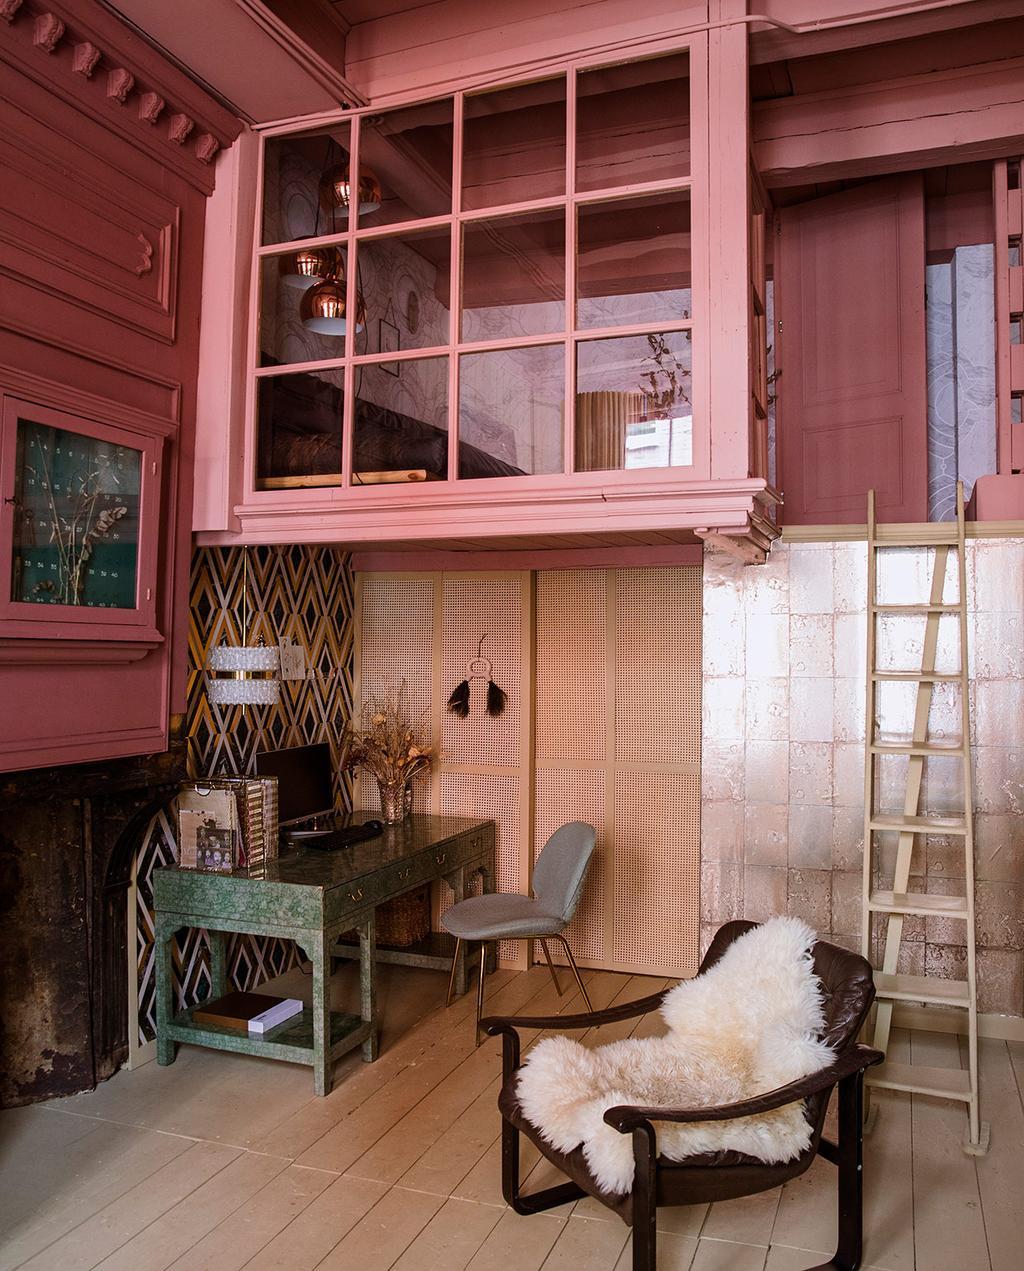 vtwonen 06-2021   trap naar boven met een roze glazen wand en aparte kamer